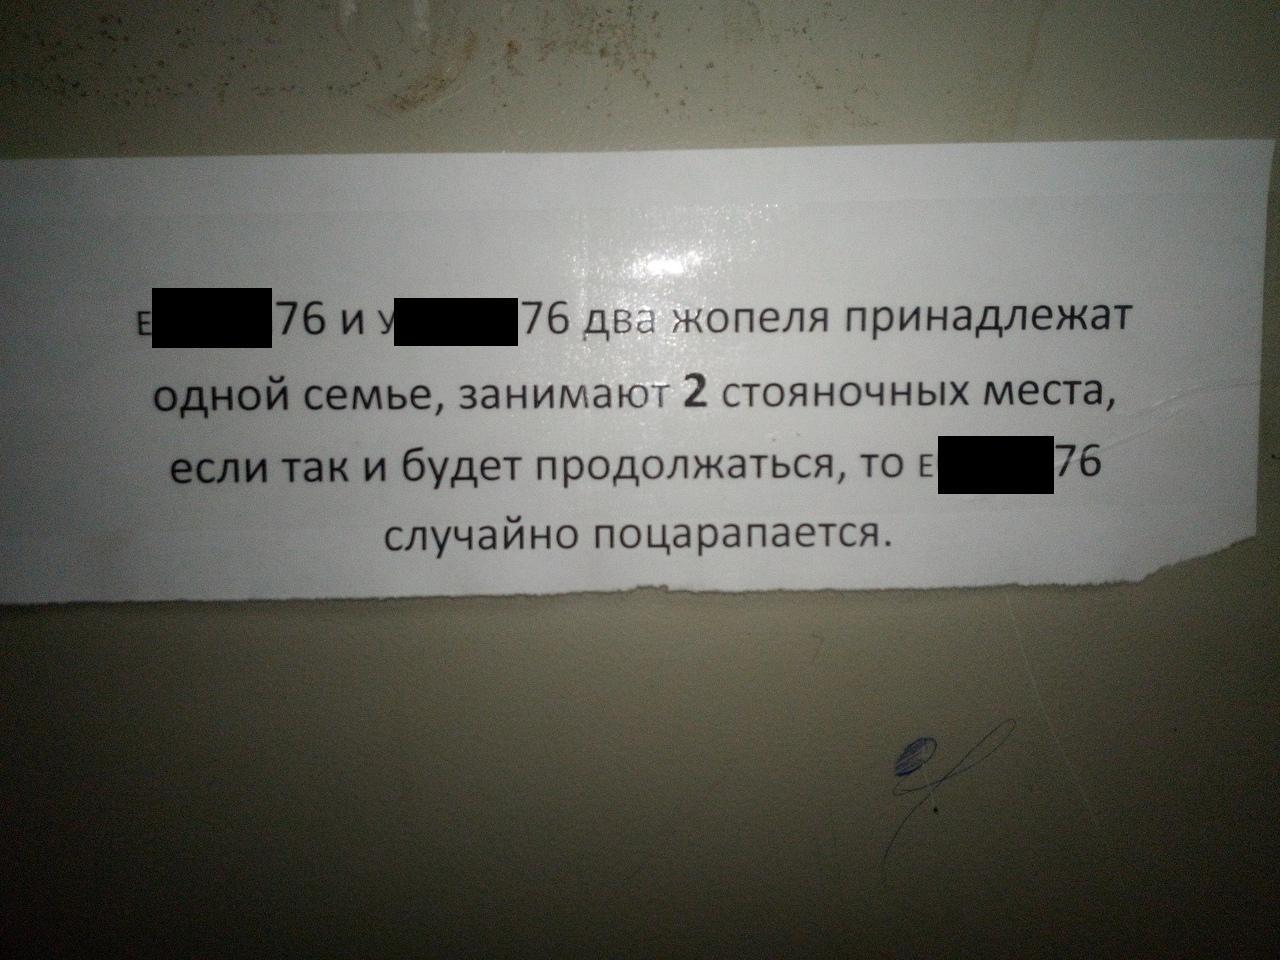 «Машина случайно поцарапается». Автовладельцам дома в Ярославле начали угрожать